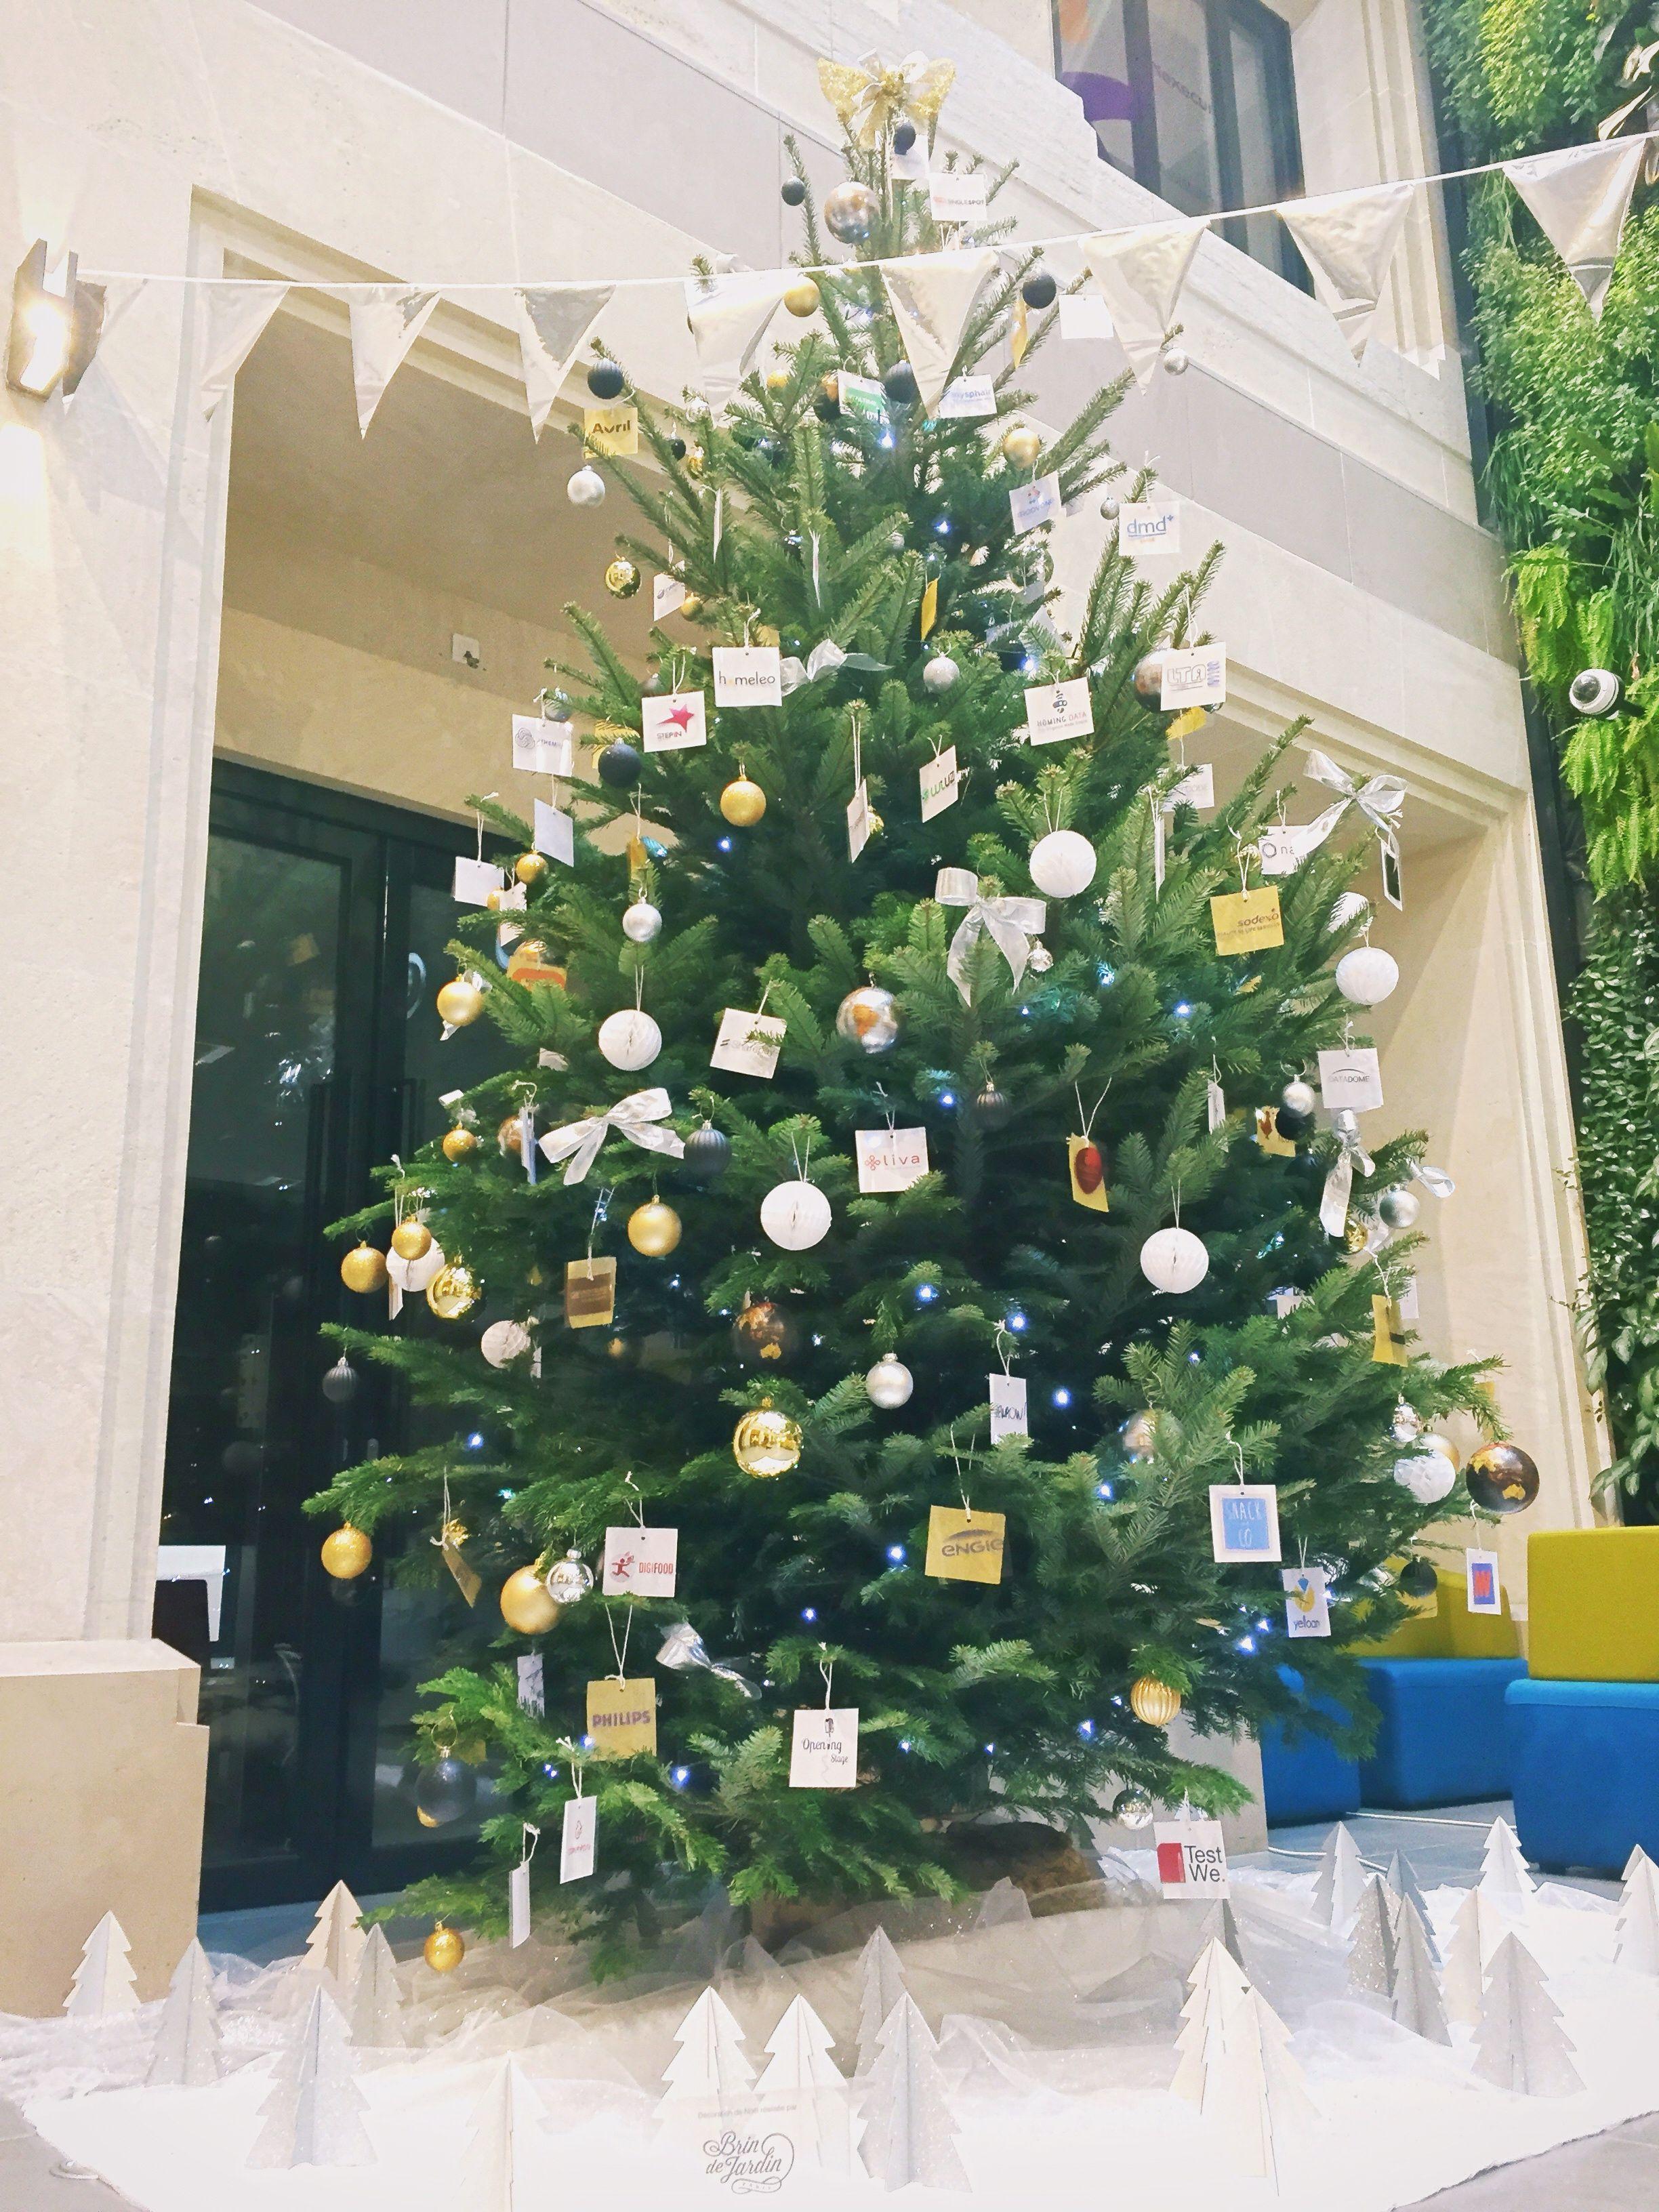 Décoration de Noël par Brin de Jardin @villagebyca ! La période des ...